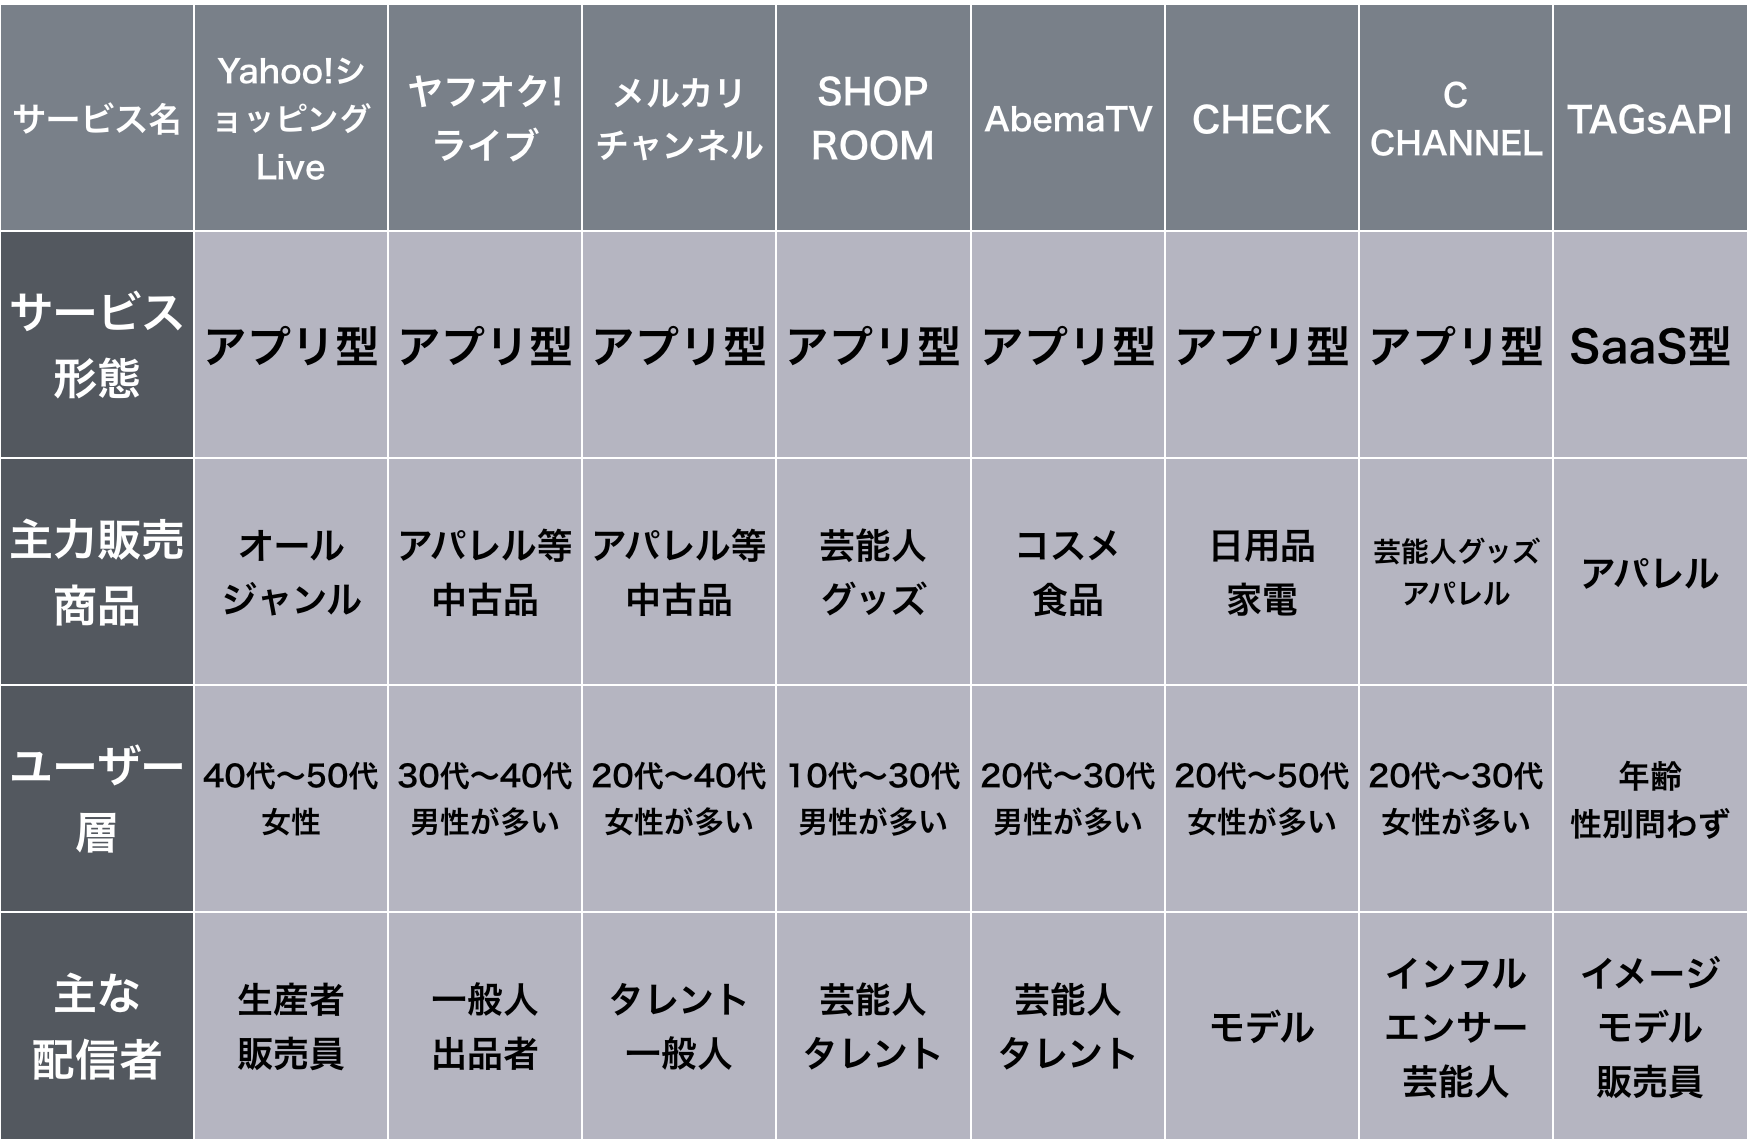 ライブコマースおすすめサービス8選